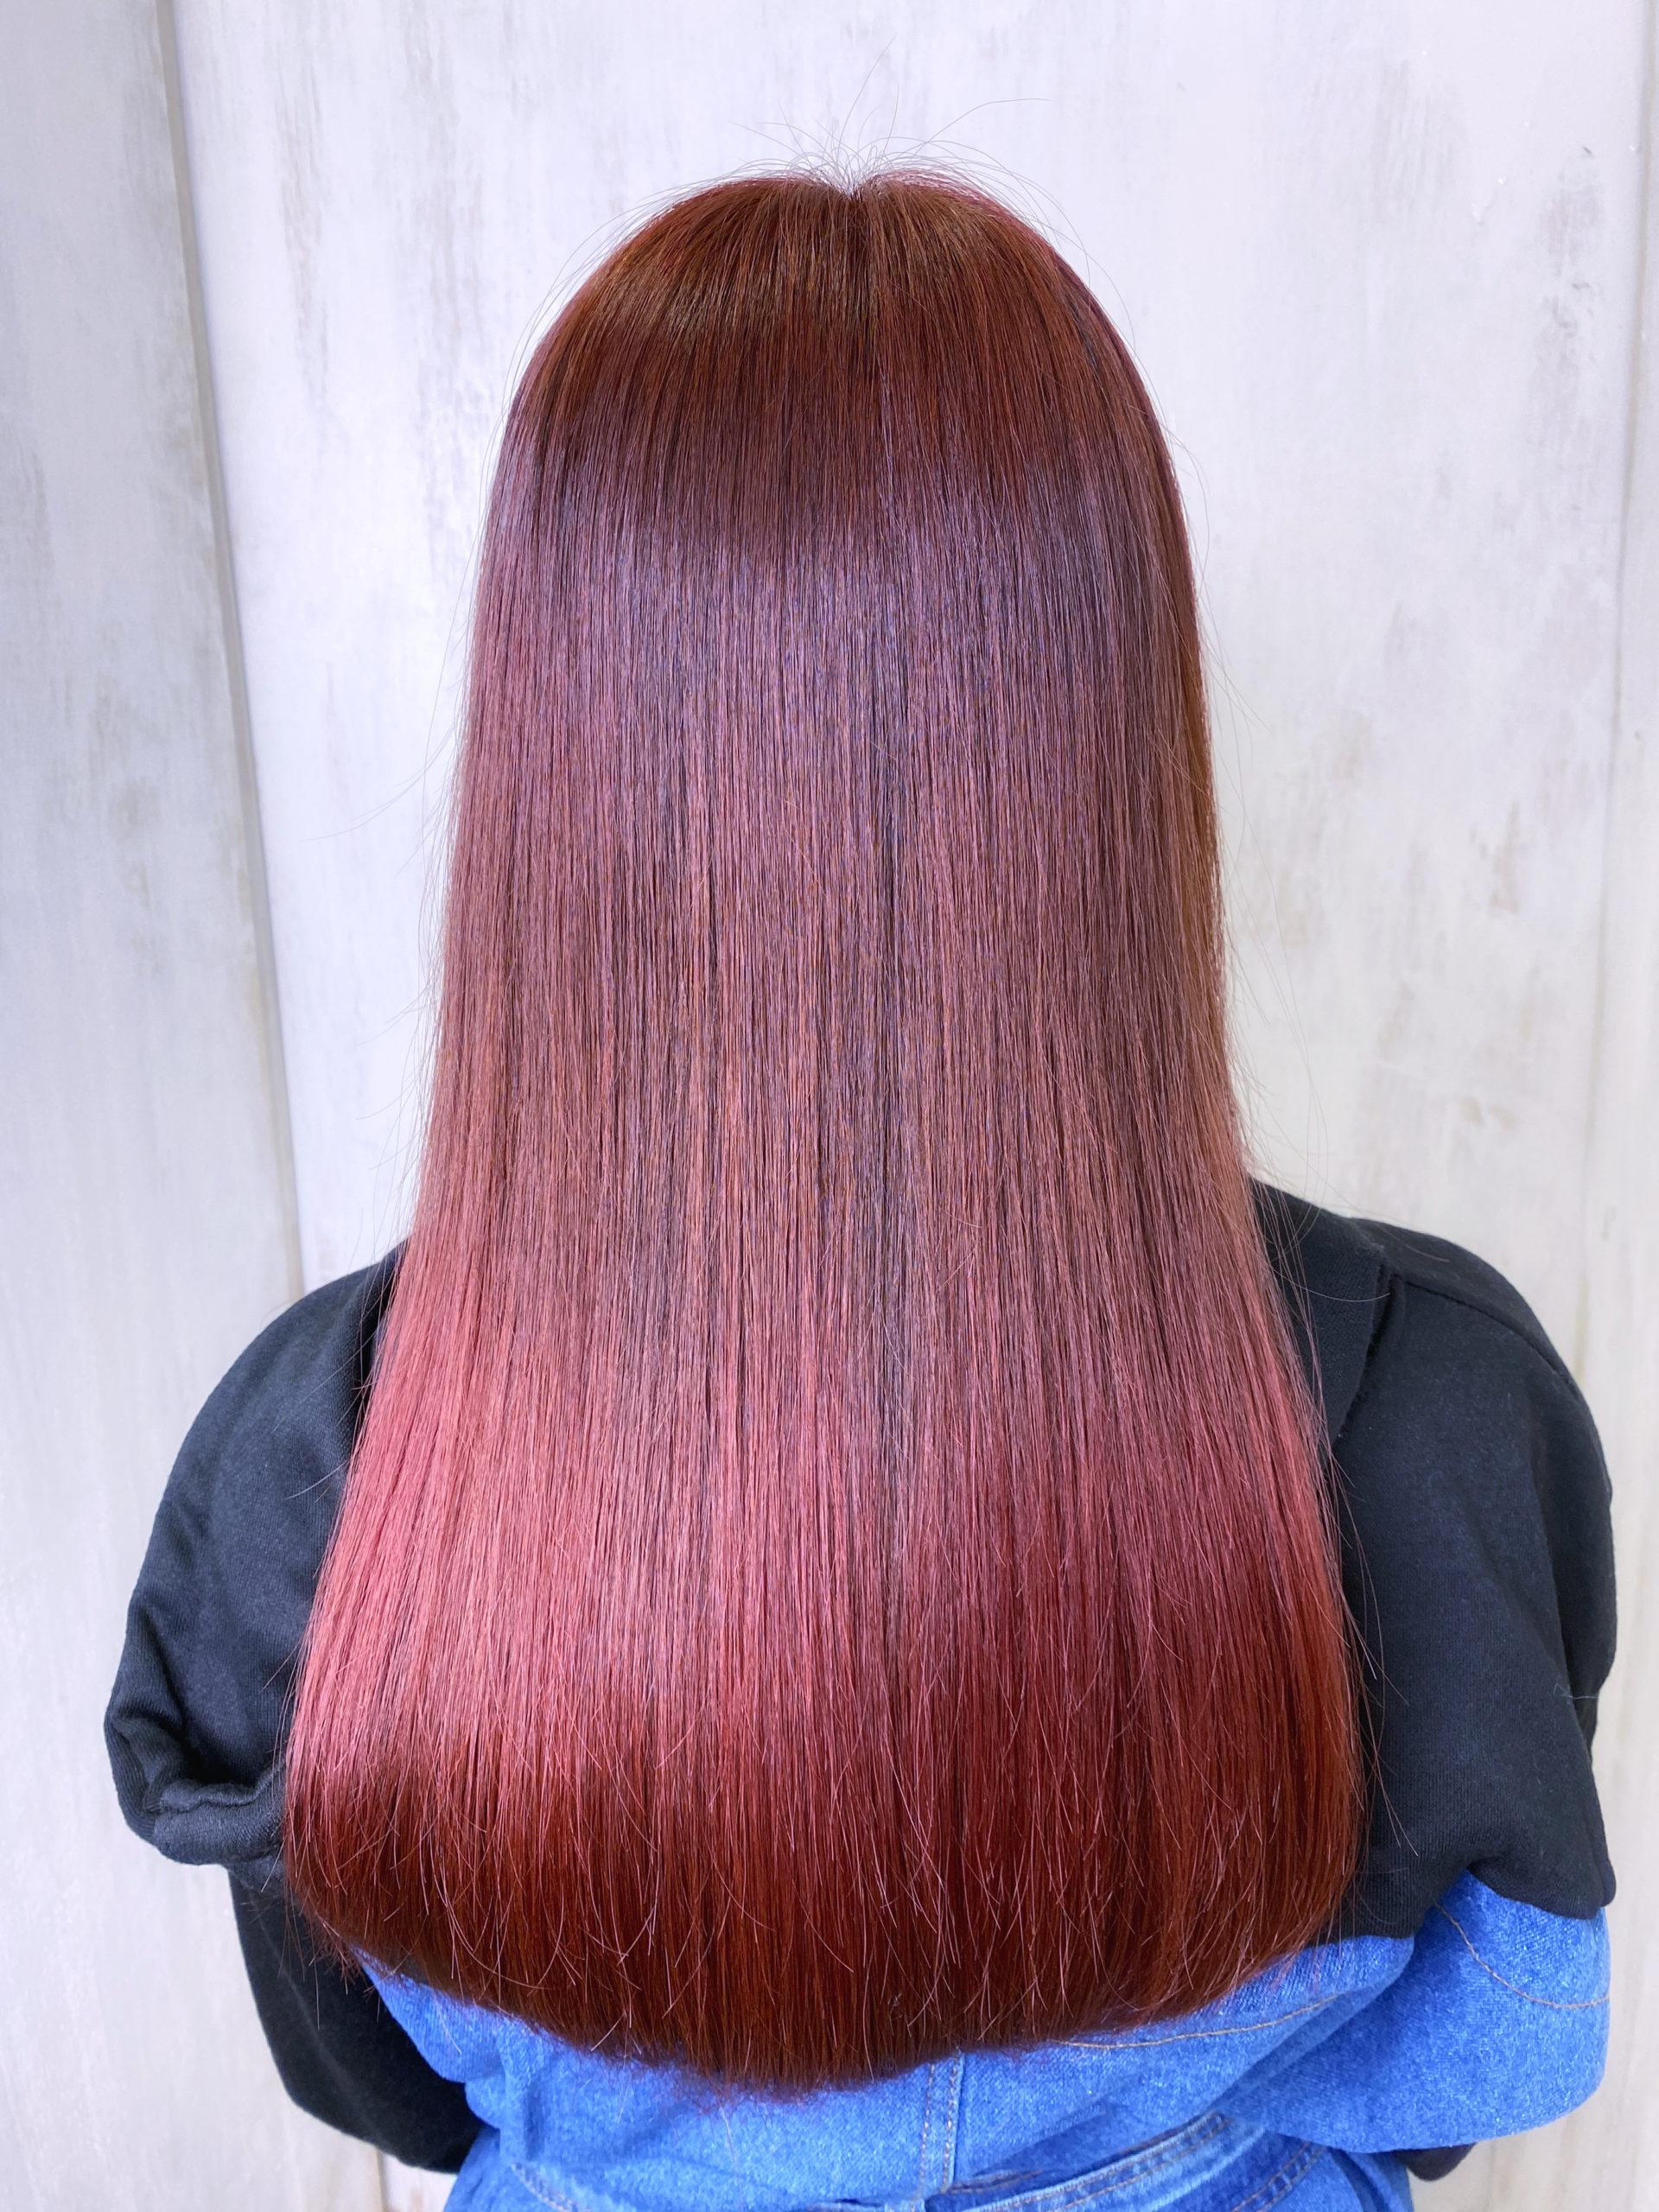 ジュエリーシステム×オレオルカラーで【チェリーレッドカラー】原宿・表参道『髪のお悩みを解決するヘアケア美容師の挑戦』